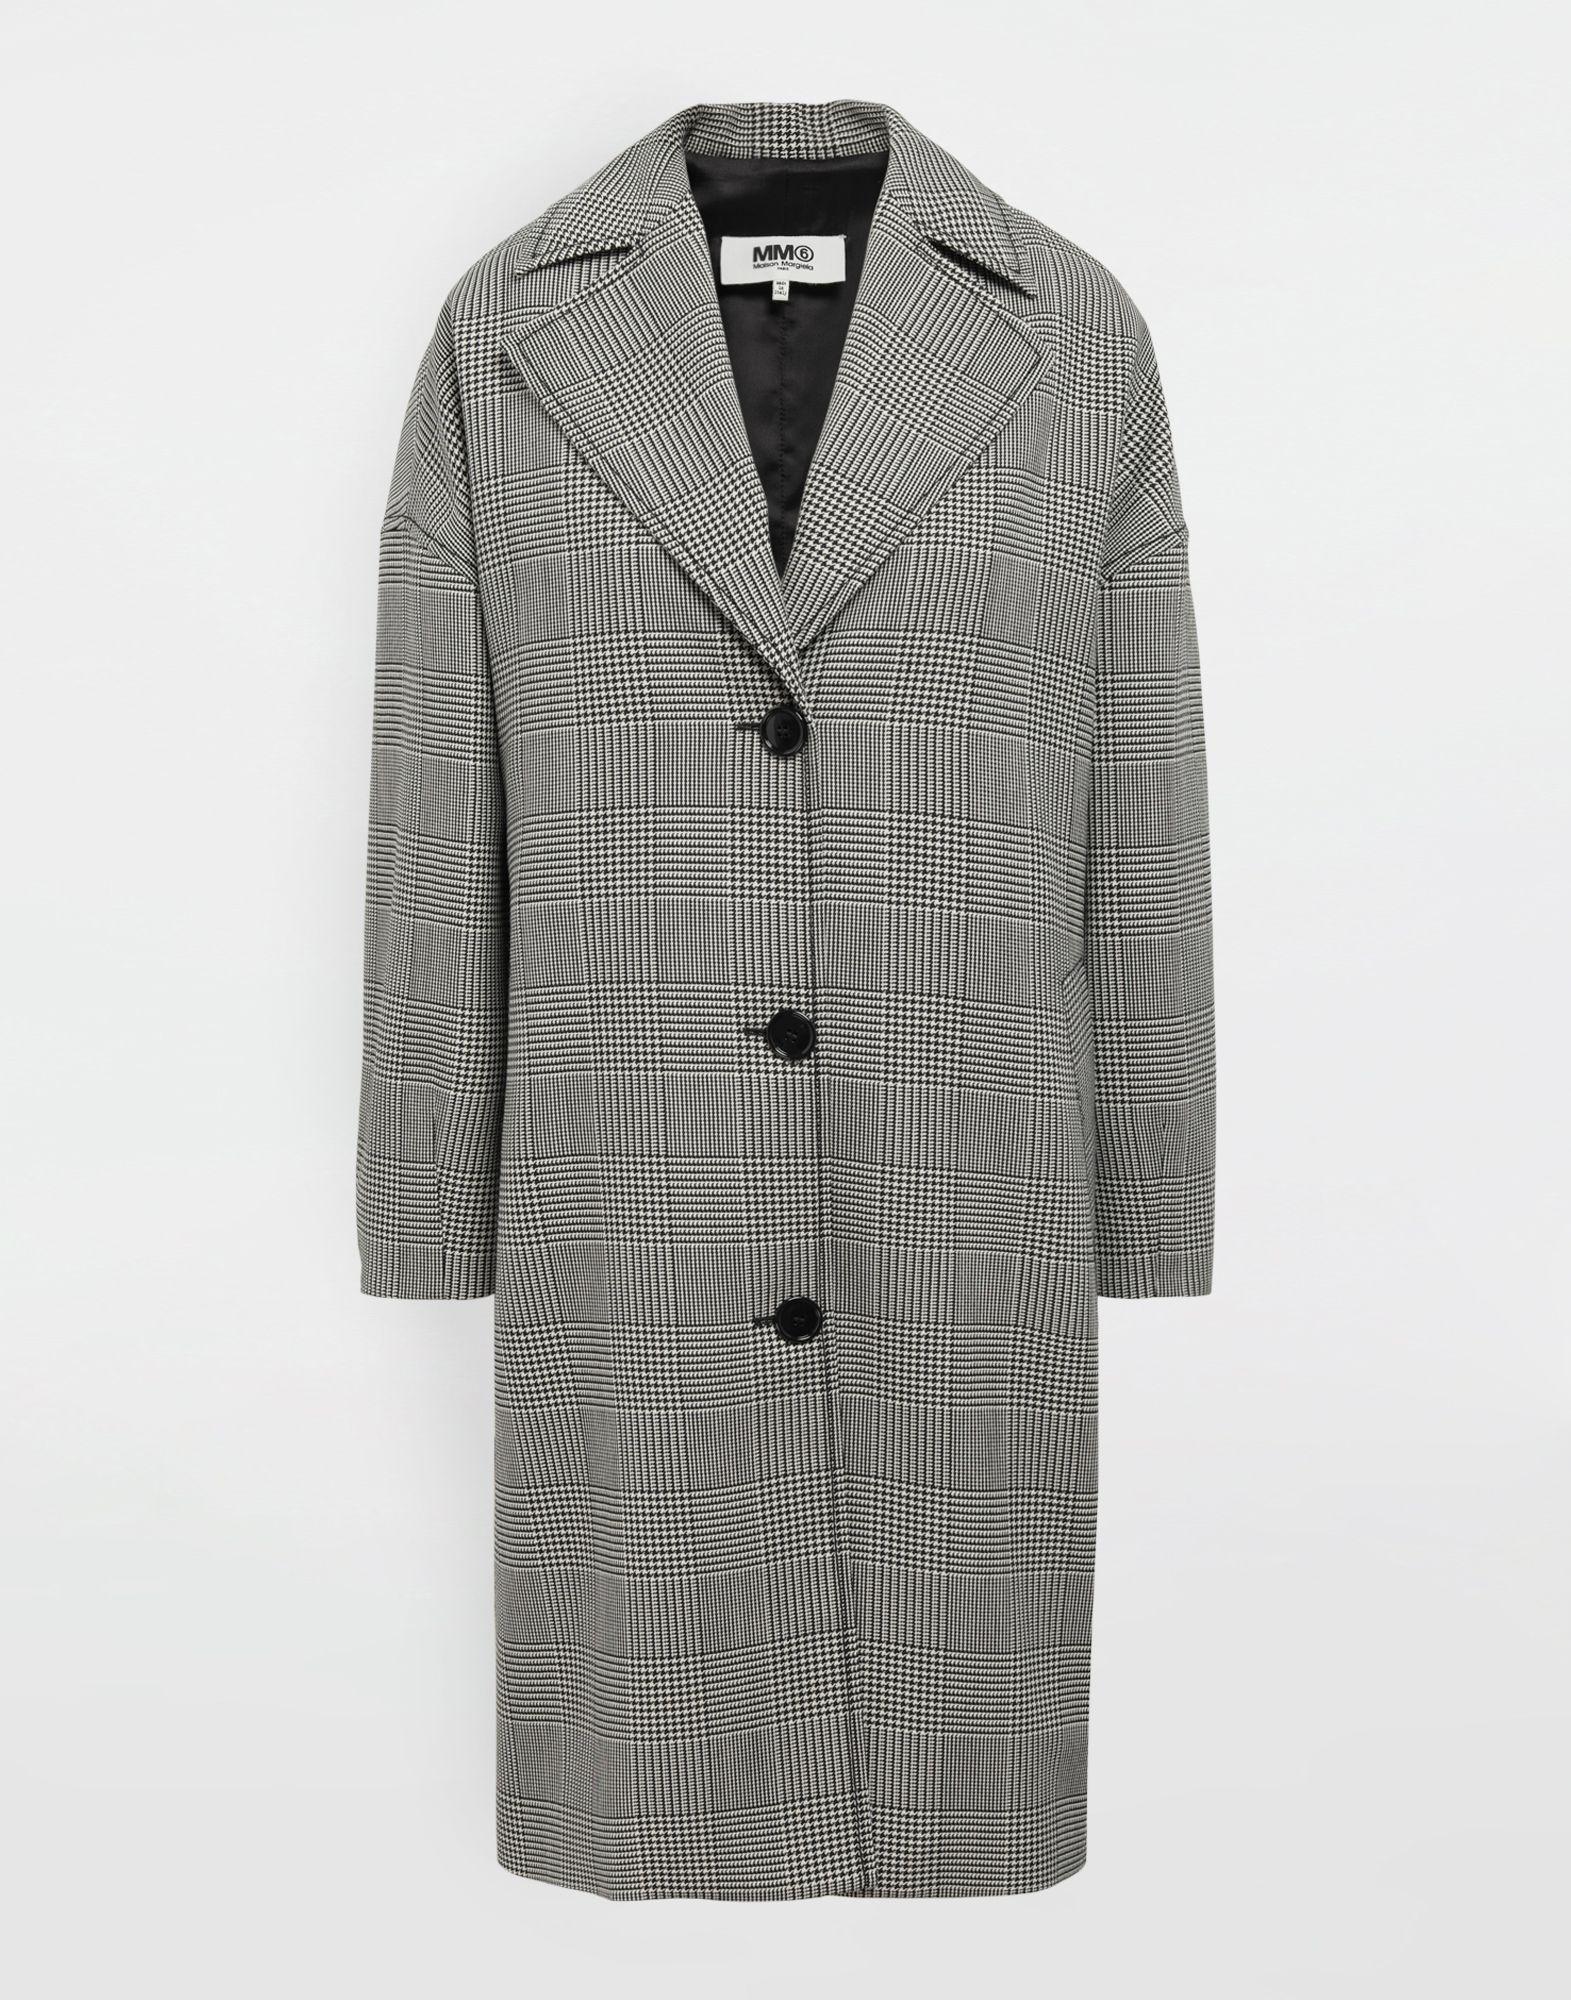 MM6 MAISON MARGIELA Oversized checked coat Coat Woman f